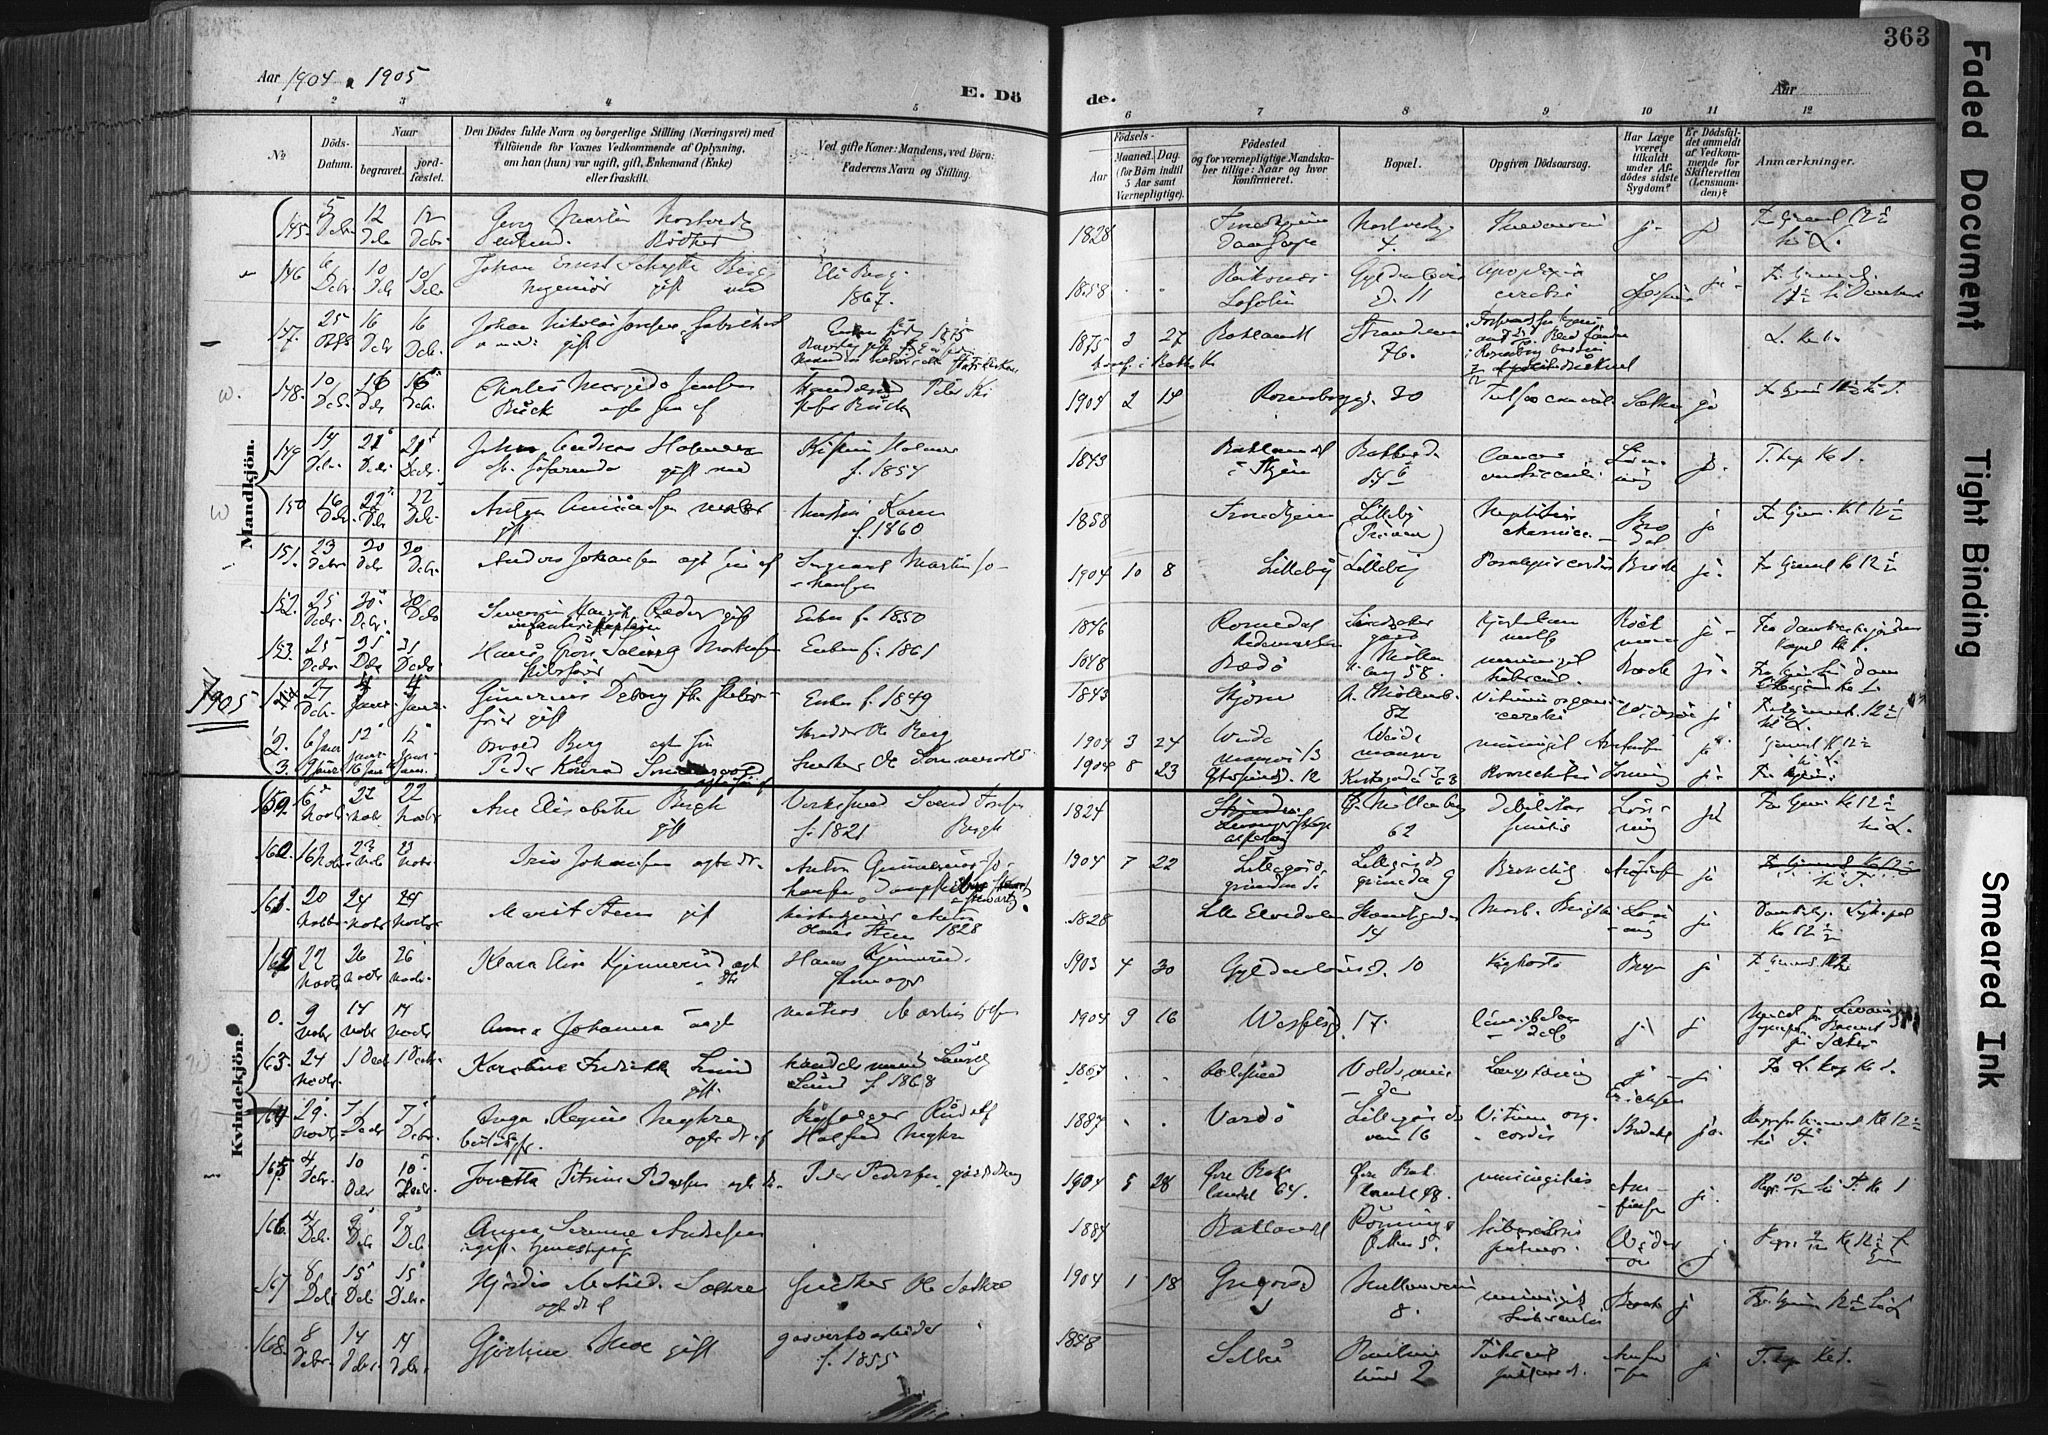 SAT, Ministerialprotokoller, klokkerbøker og fødselsregistre - Sør-Trøndelag, 604/L0201: Ministerialbok nr. 604A21, 1901-1911, s. 363